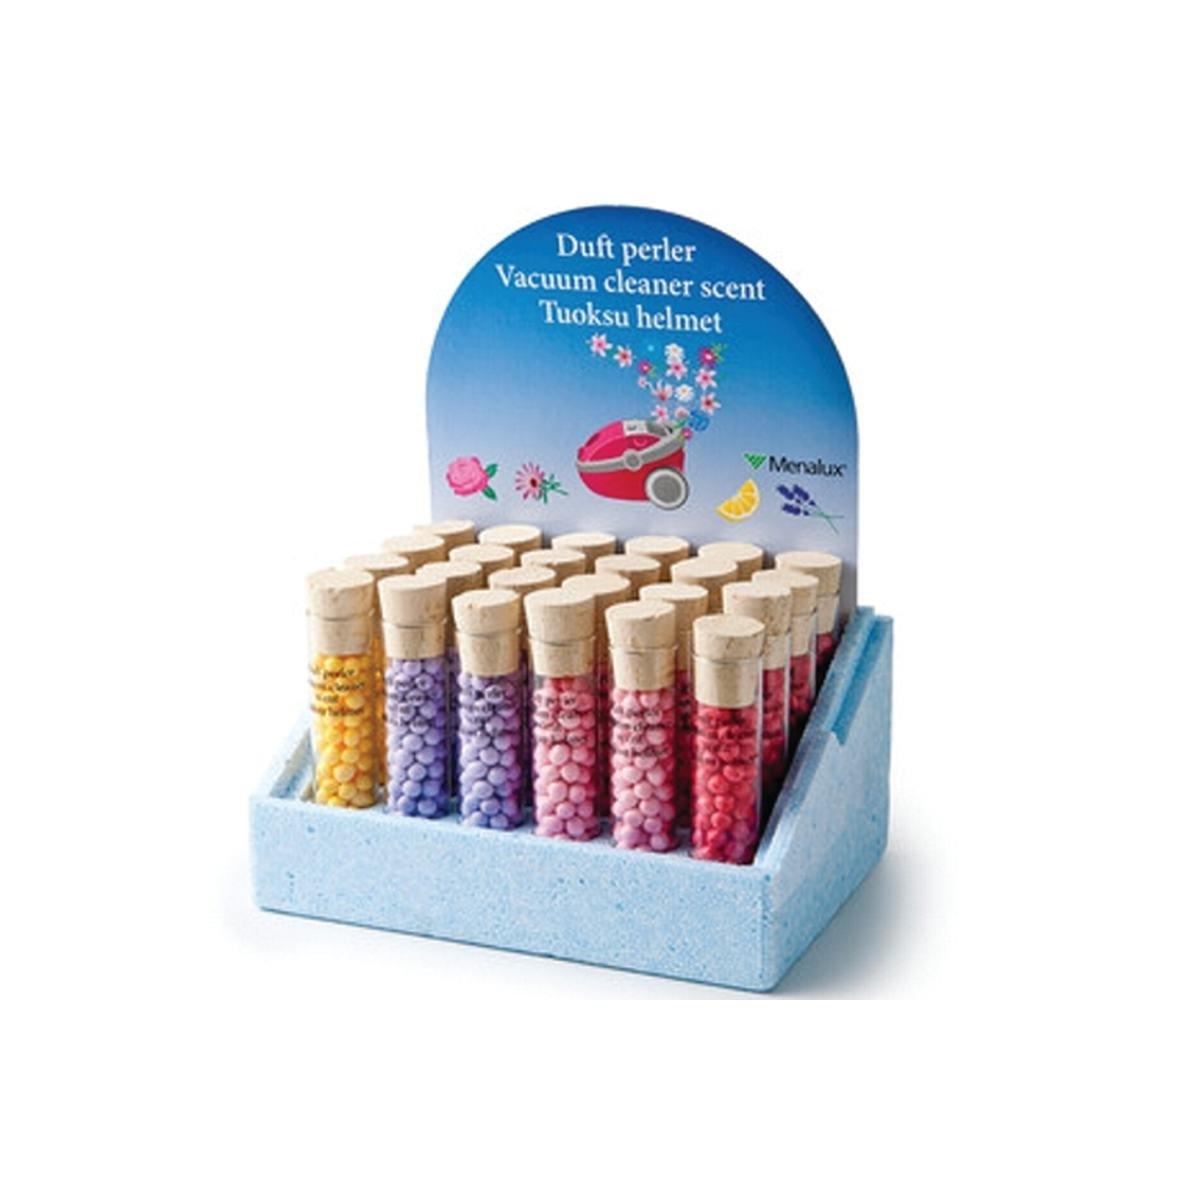 Støvsugerdeodorant 24 rør 4 forskellige dufte